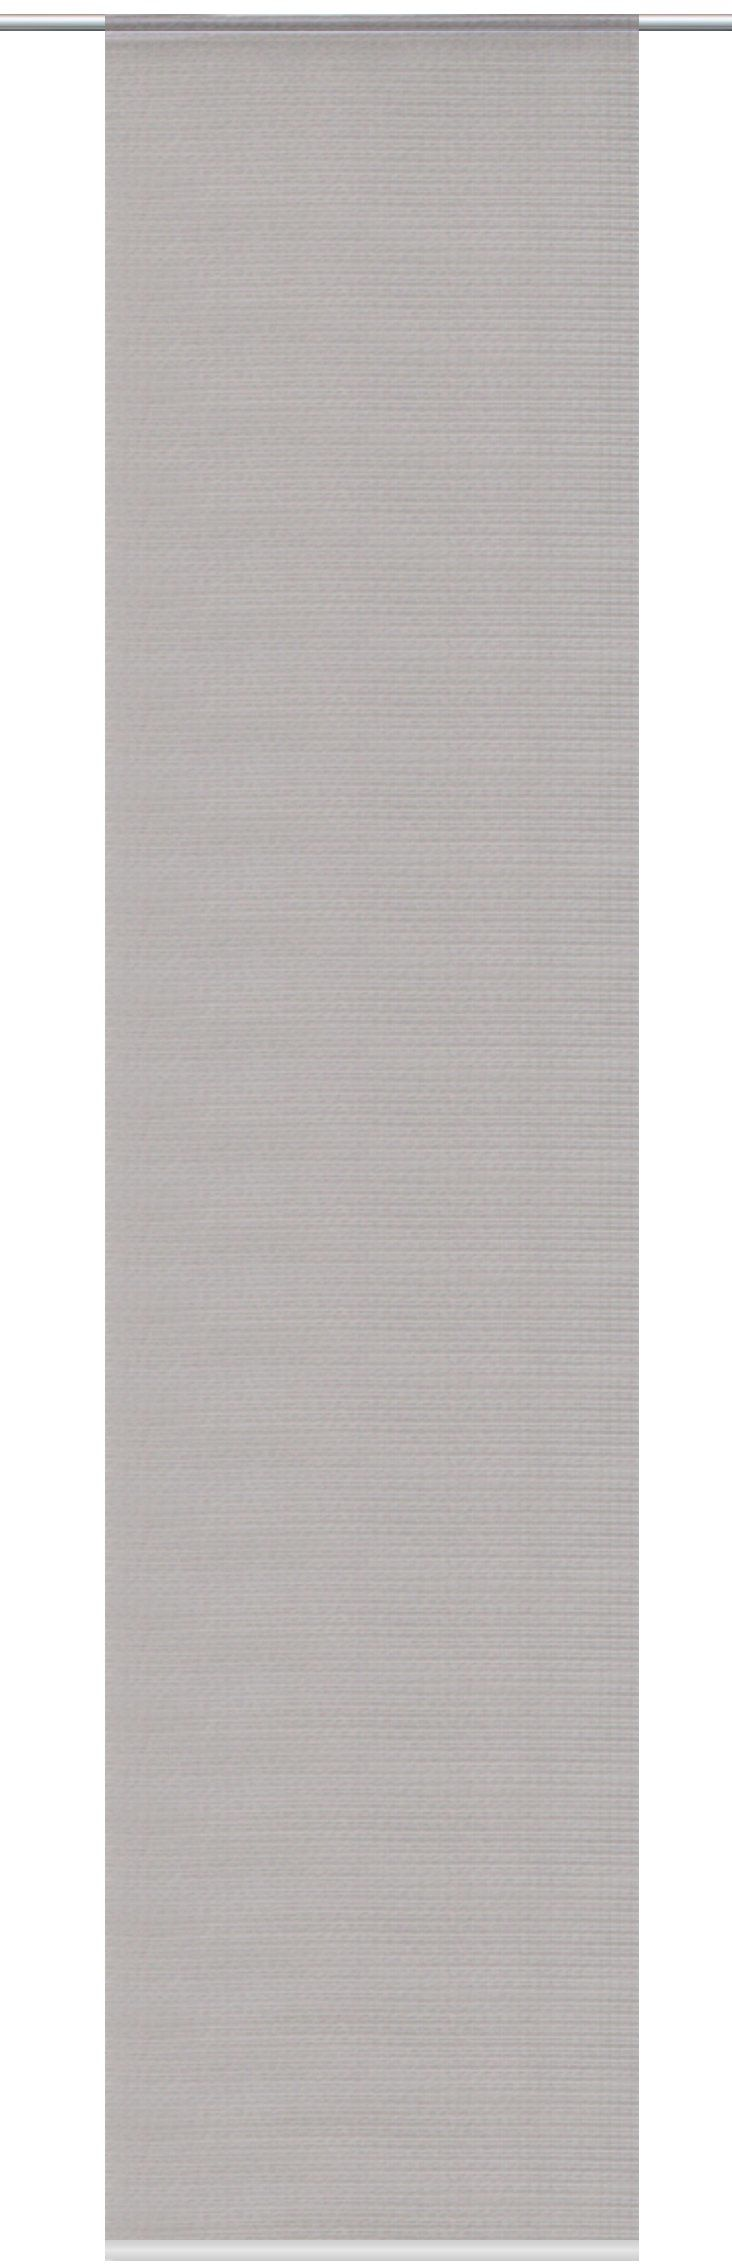 Home fashion zasłona przesuwna o wyglądzie bambusa, usztywniona, poliester, kamień, 245 x 60 cm